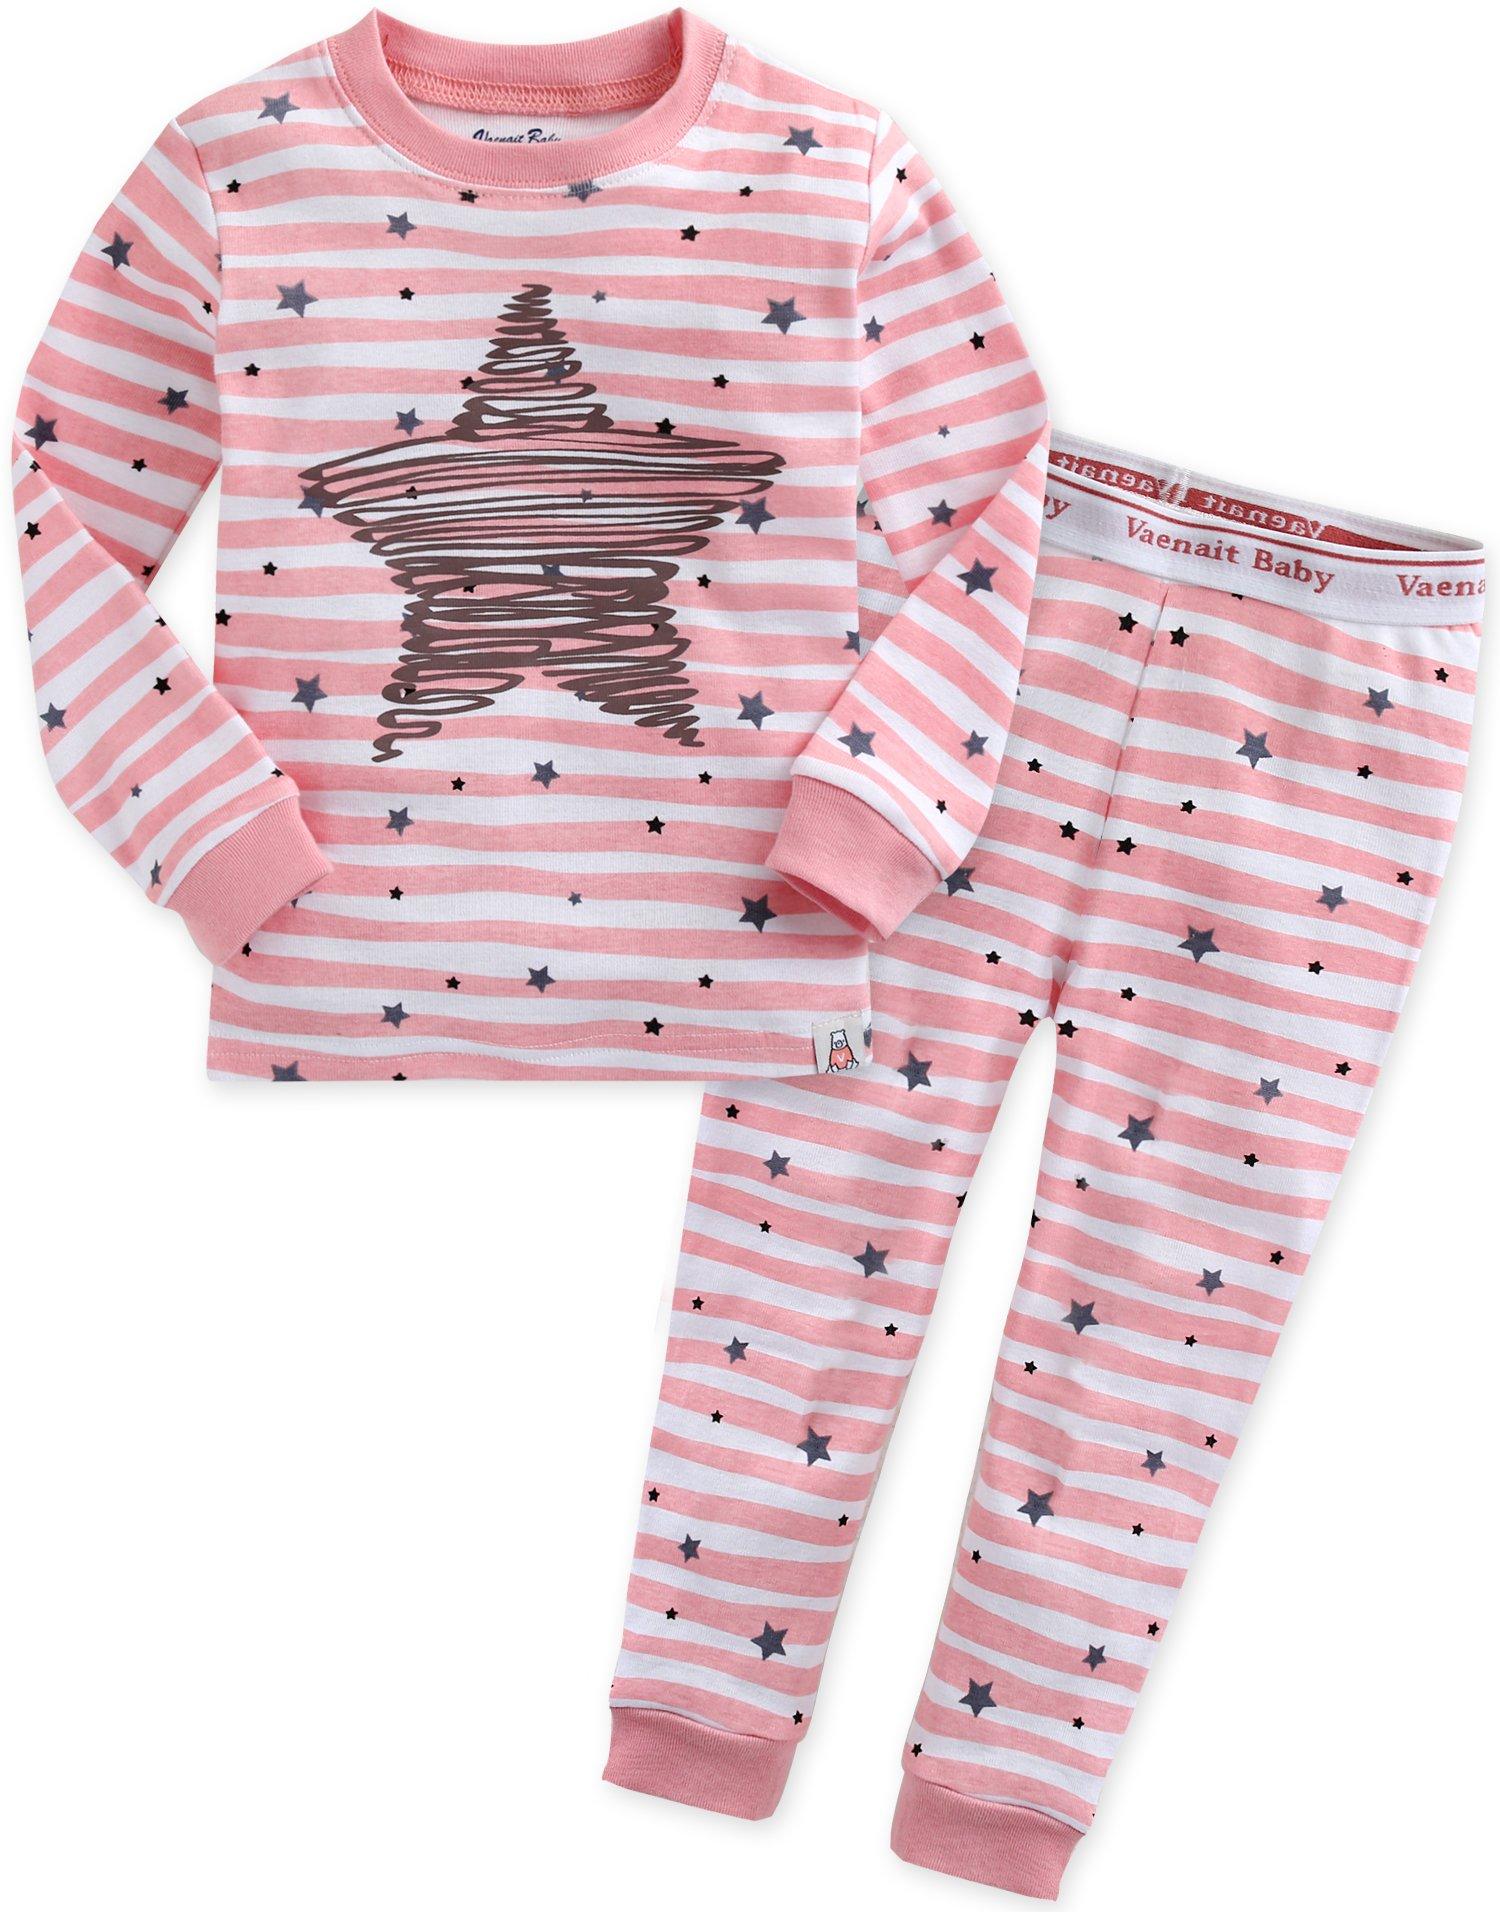 Vaenait baby 12M-7T Kids Girls Sleepwear Pajama 2pcs Set Bling Pink XS